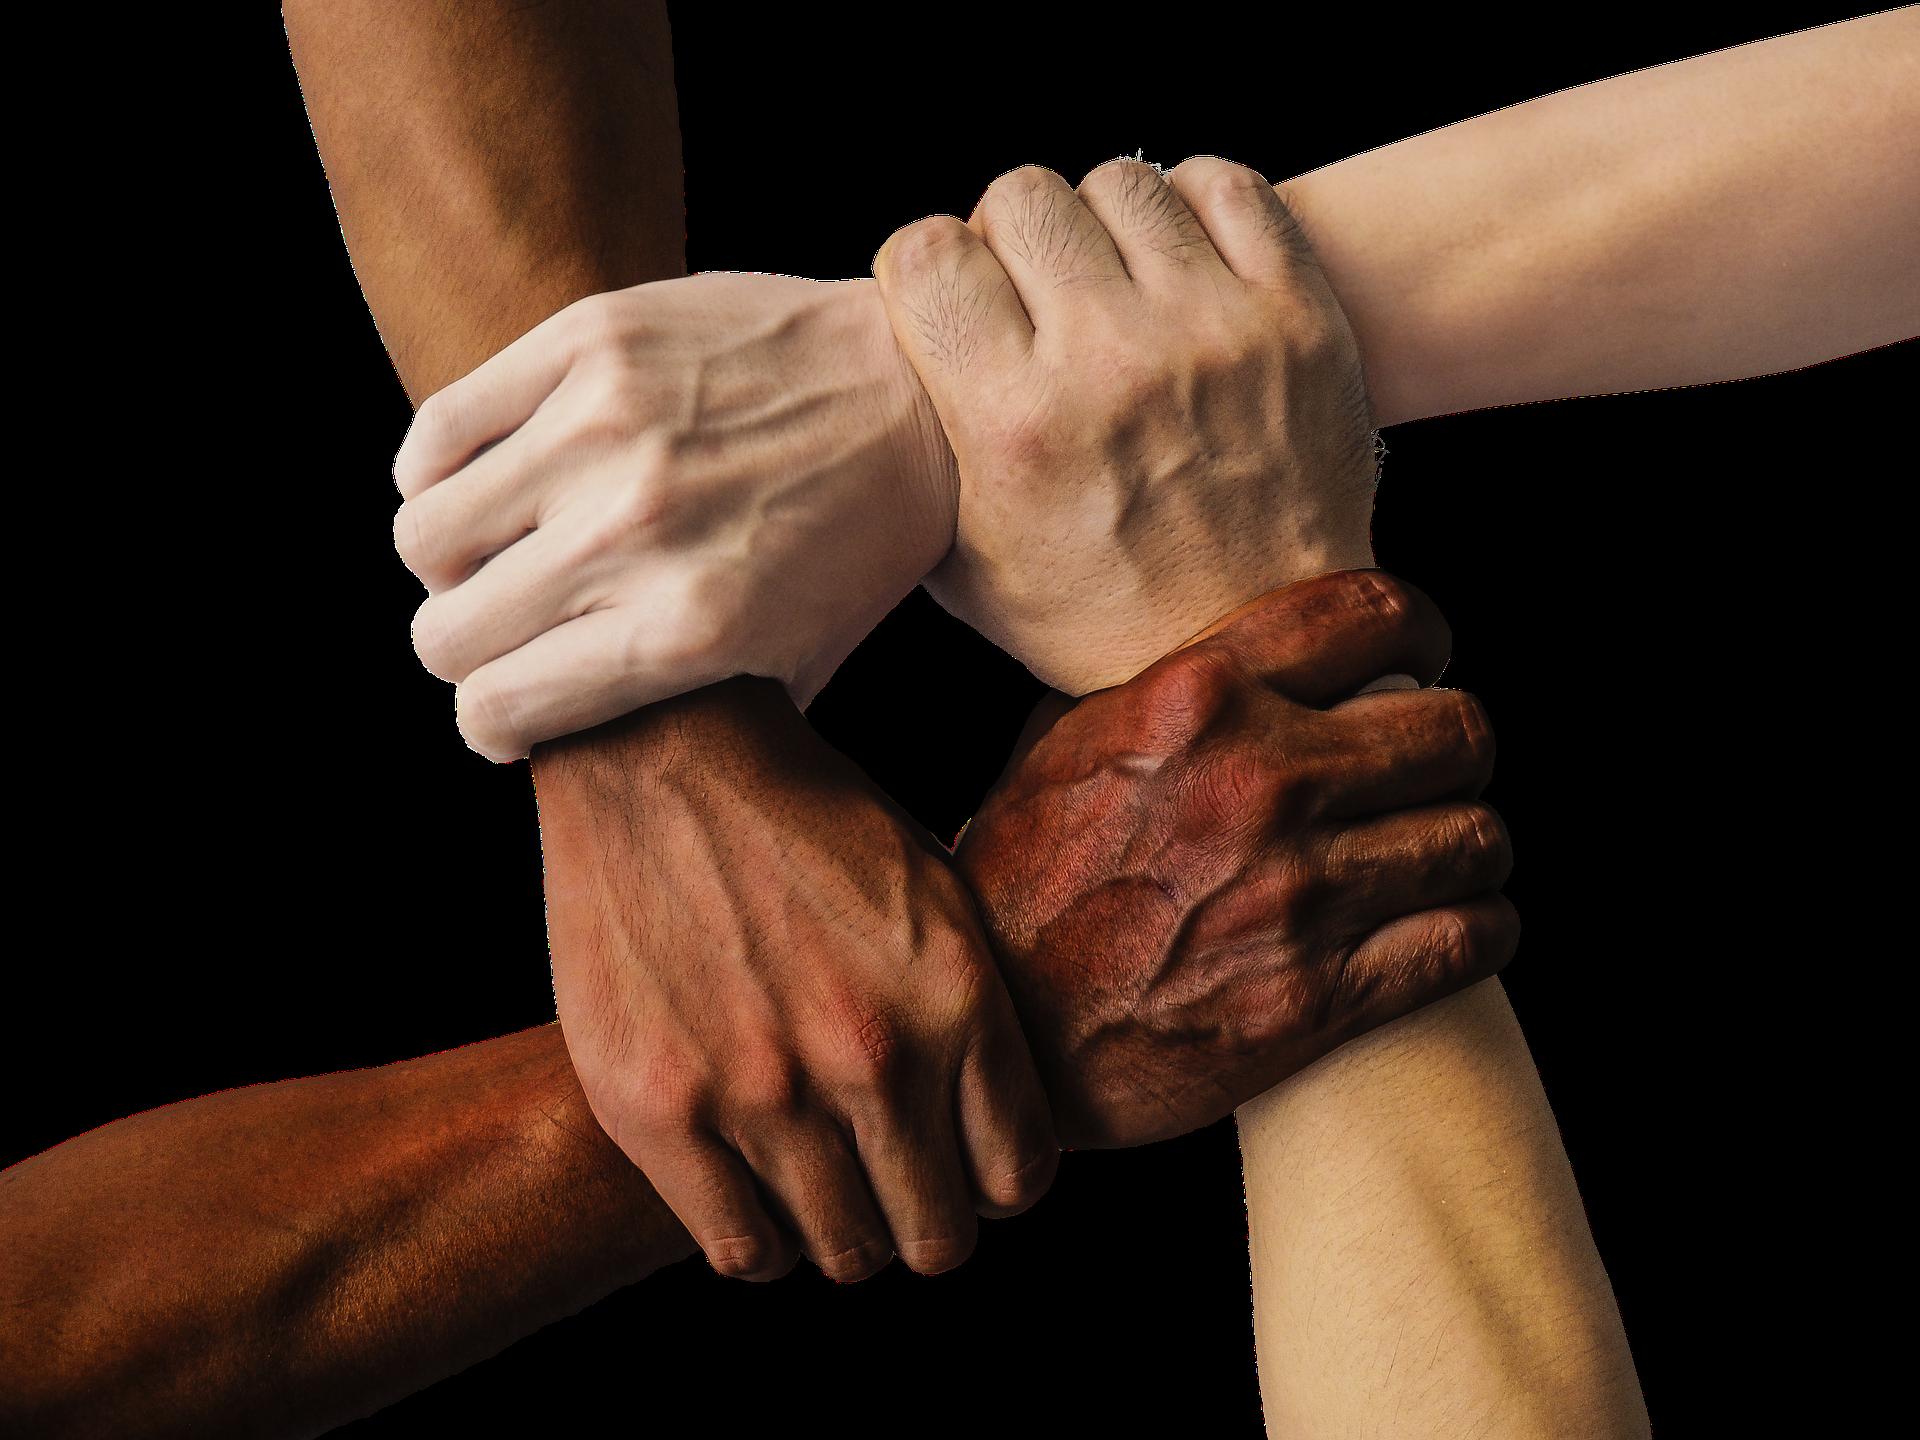 Le Capital social correspond au niveau de confiance et de coopération des individus au sein d'un groupe donné.